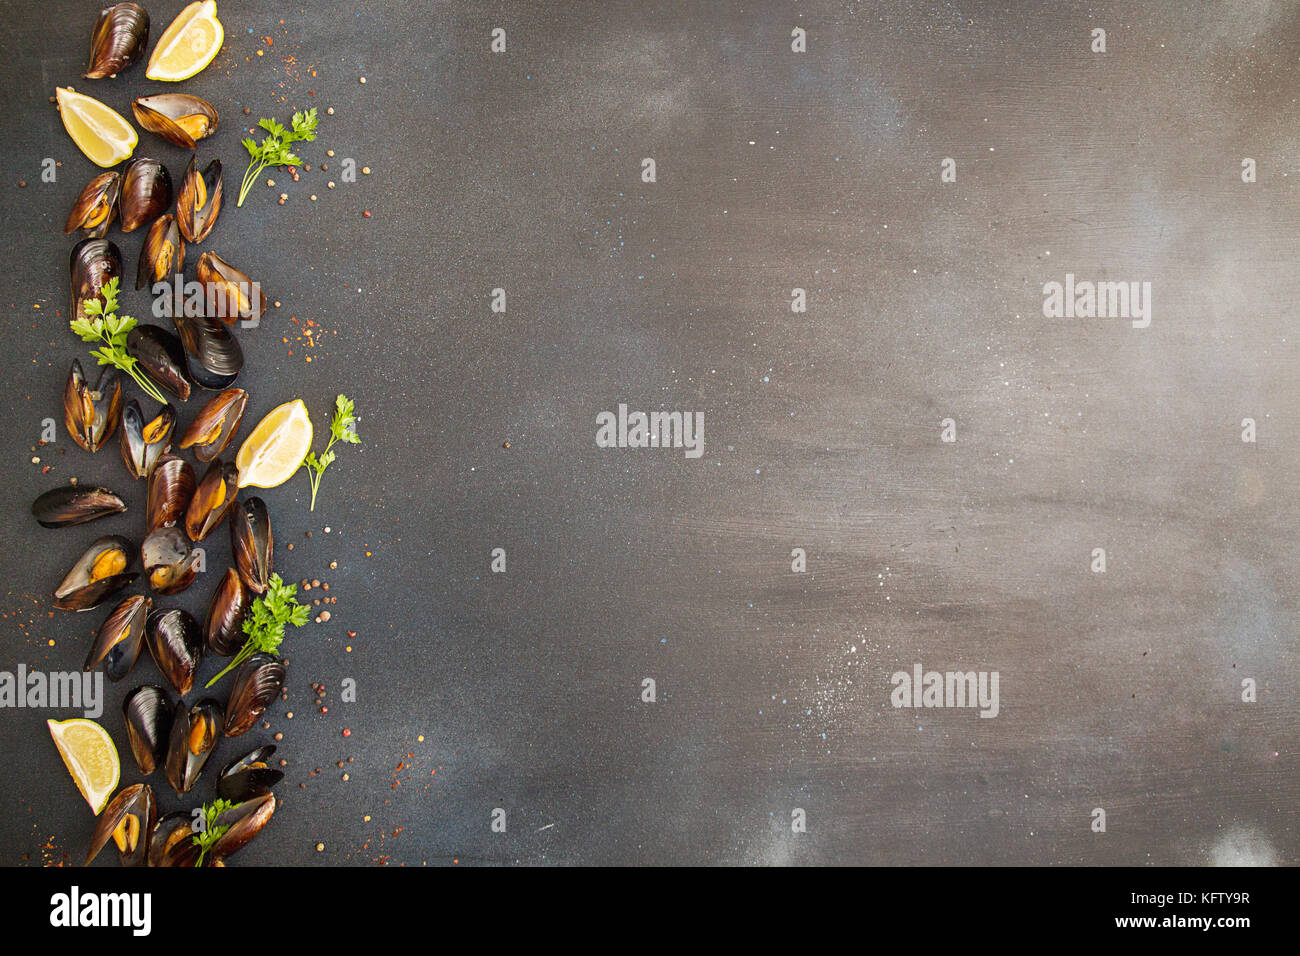 Die Gemeinkosten der Reihe der gerüschten Muscheln mit Zitrone und Petersilie. Gesunde Ernährung Konzept. Stockbild